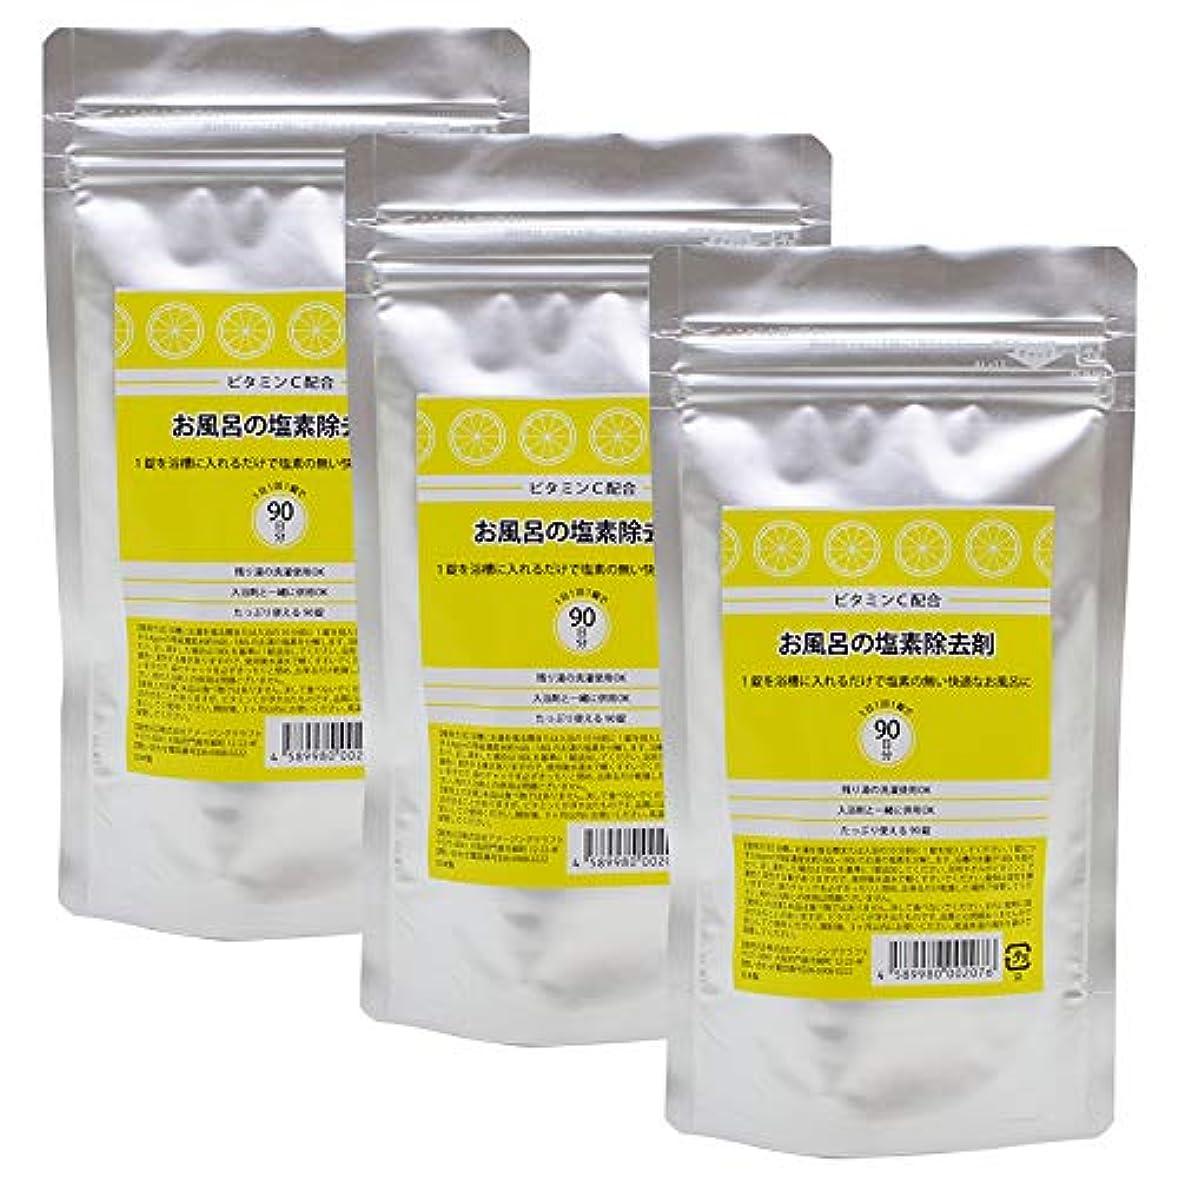 アナニバー二週間精巧なビタミンC配合 お風呂の塩素除去剤 錠剤タイプ 90錠 3個セット 浴槽用脱塩素剤